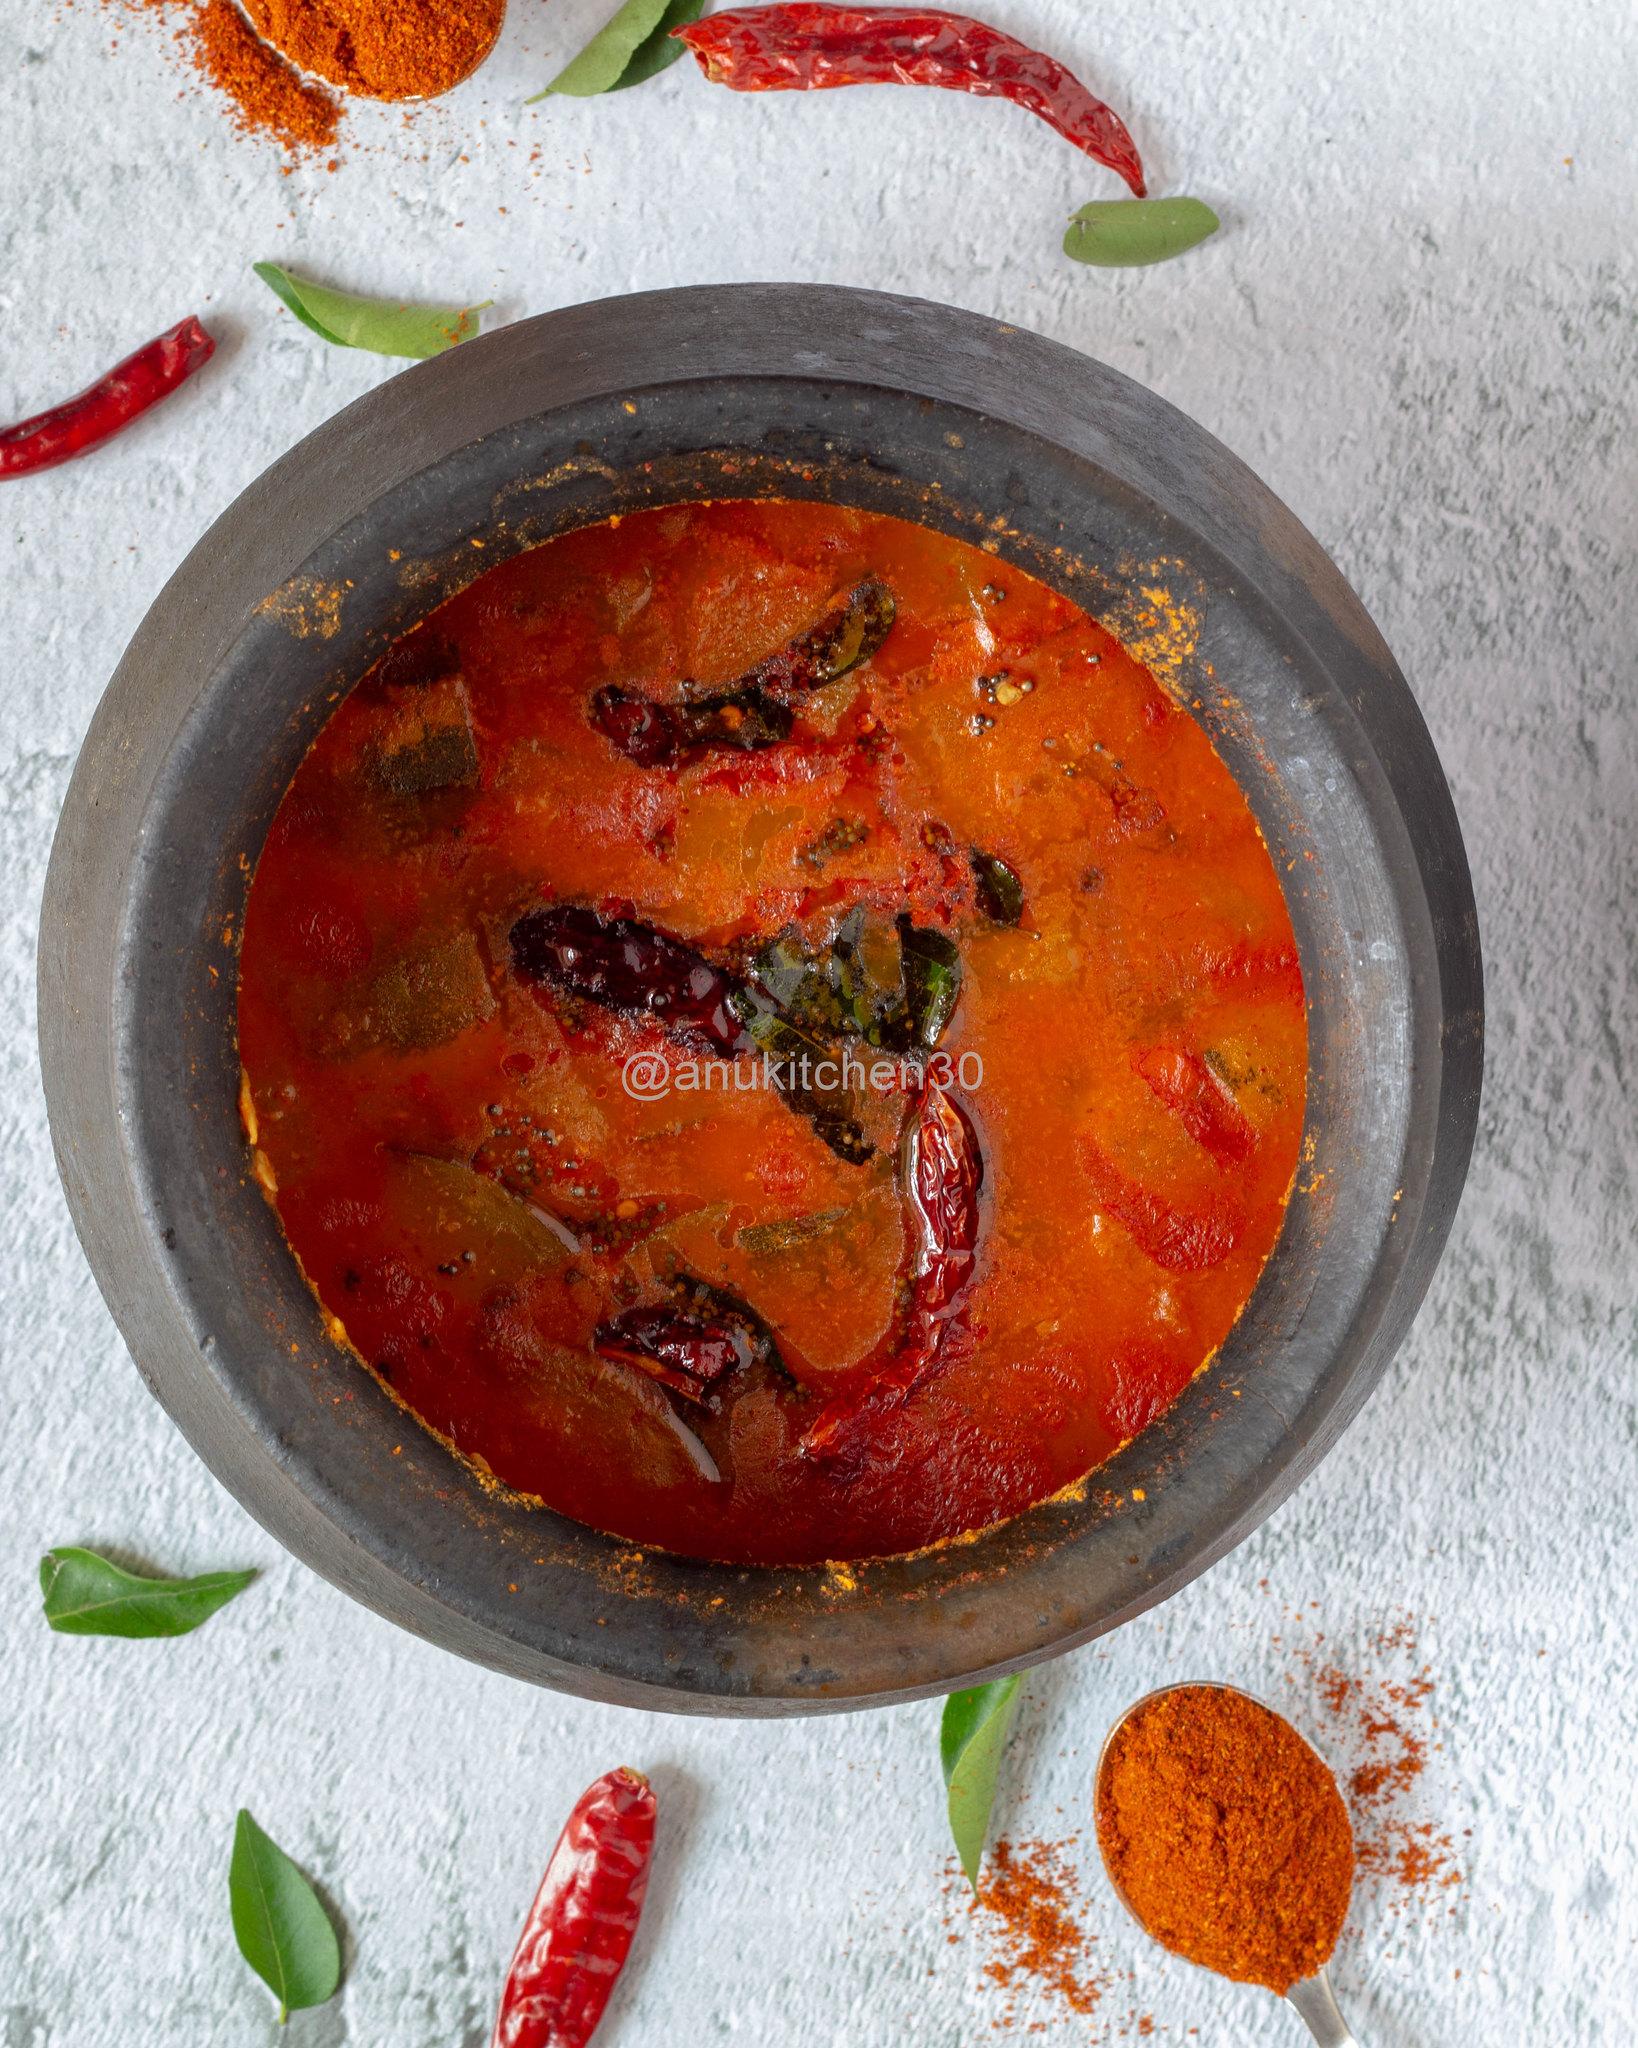 ಮಂಗಳೂರು ಸೌತೆಕಾಯಿ ಹುಳಿ | Mangaluru Southekayi Huli